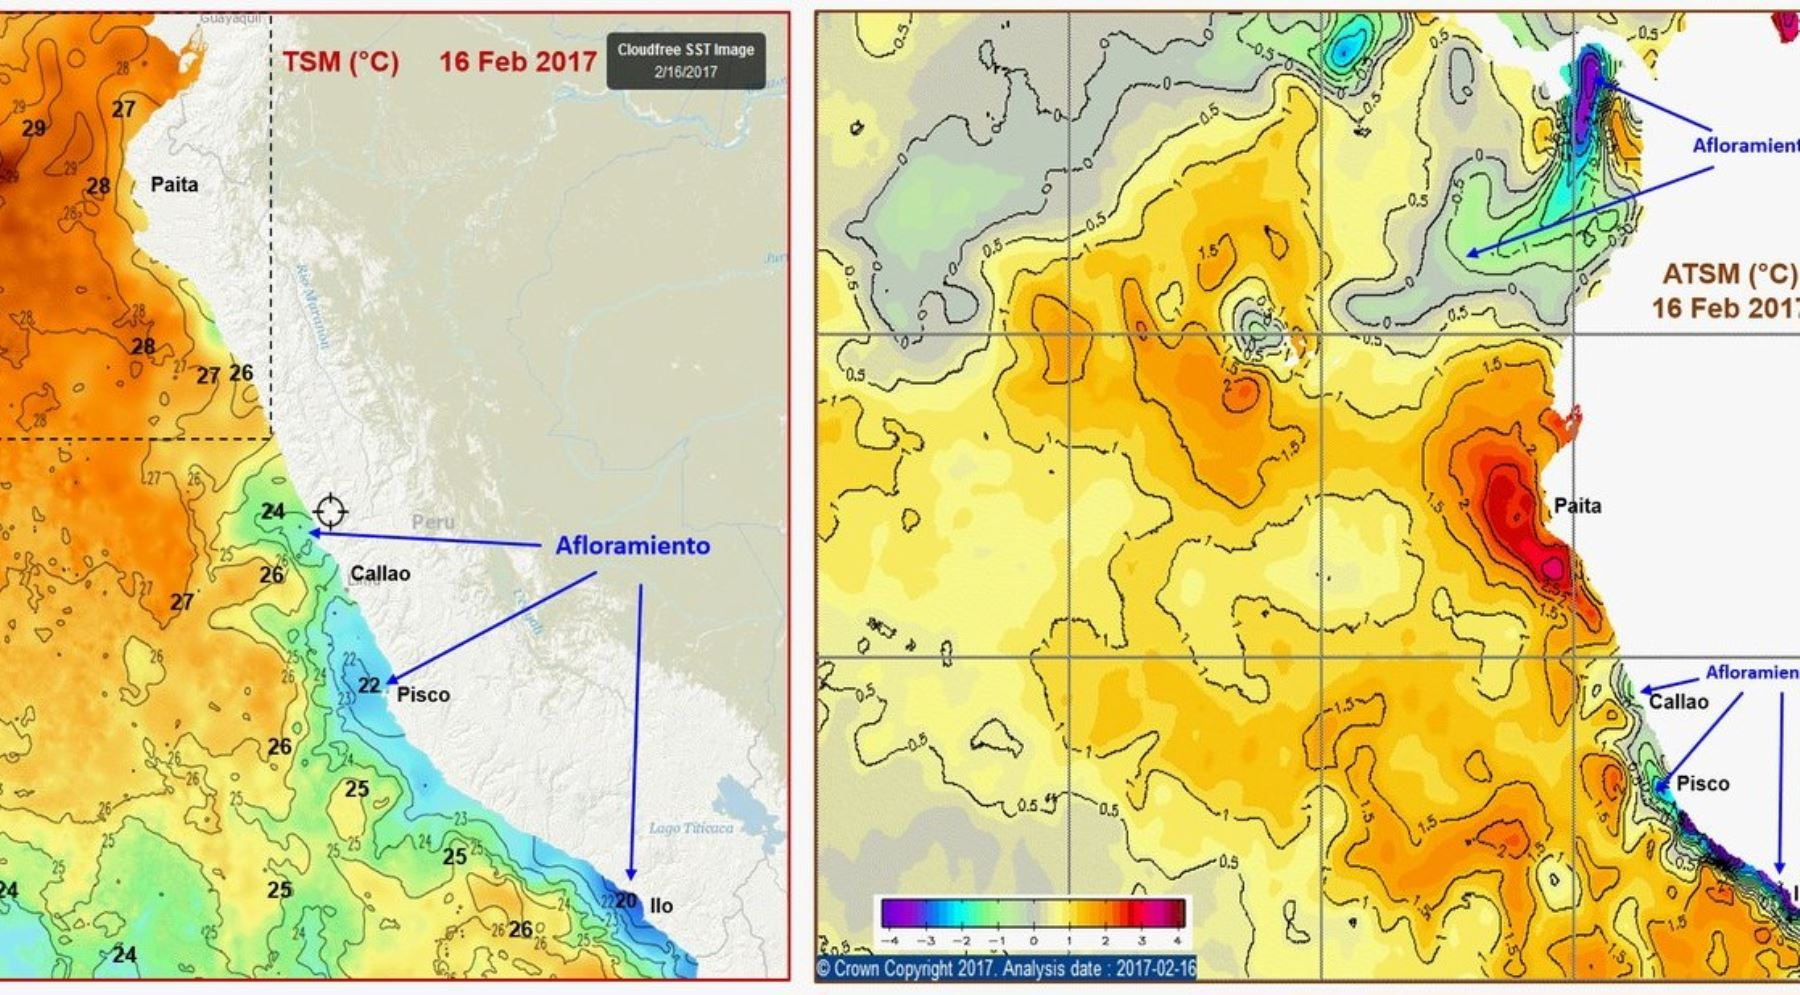 ENFEN mantiene pronóstico de El Niño de magnitud débil este verano en Perú. ANDINA/Difusión